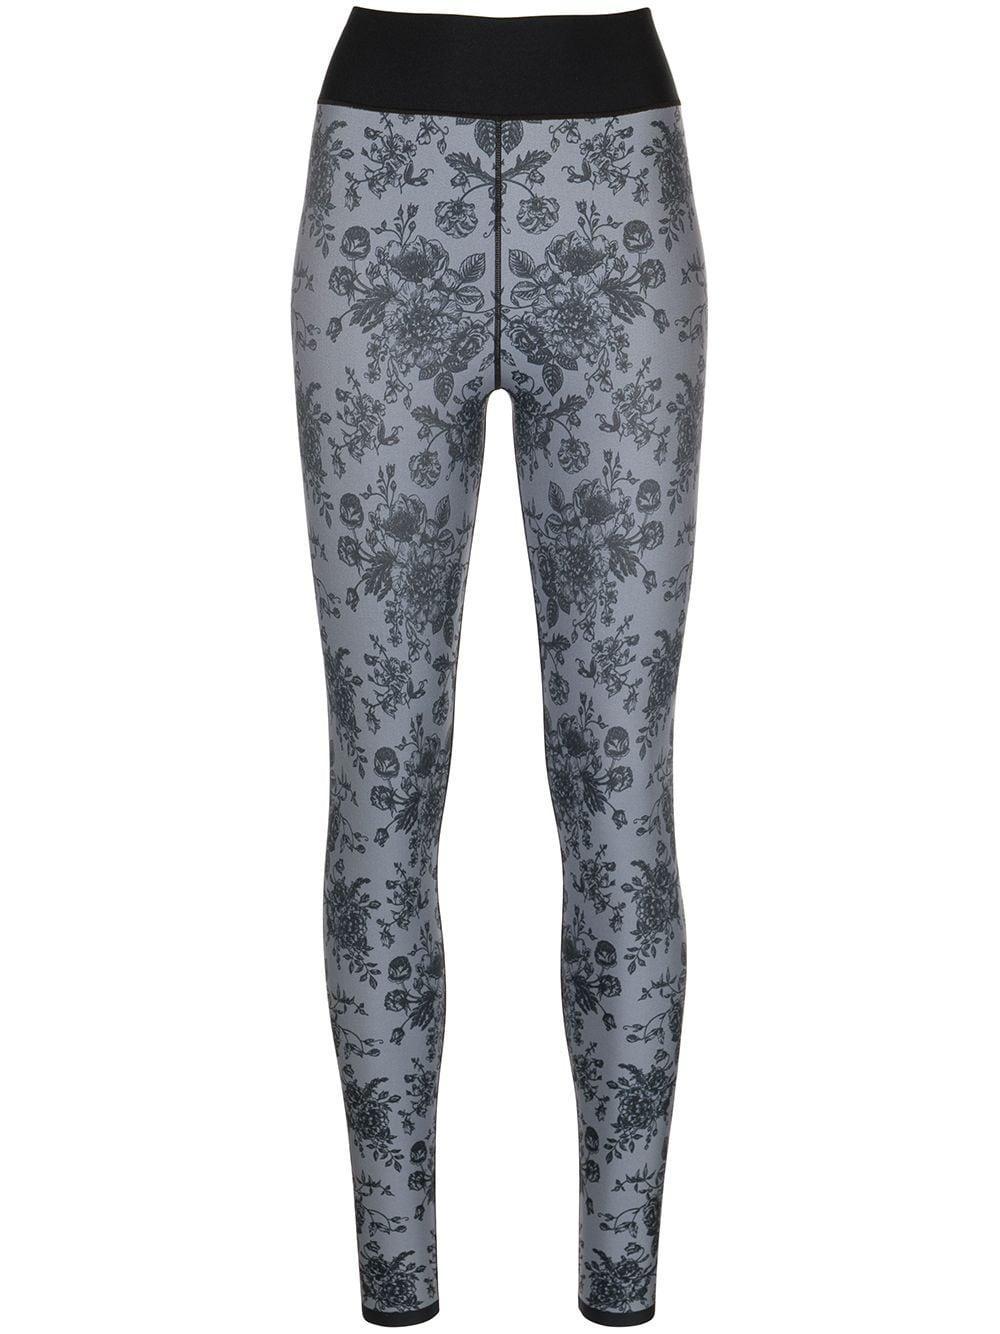 Floral Print Leggings Item # A221EM302SLKB-H2